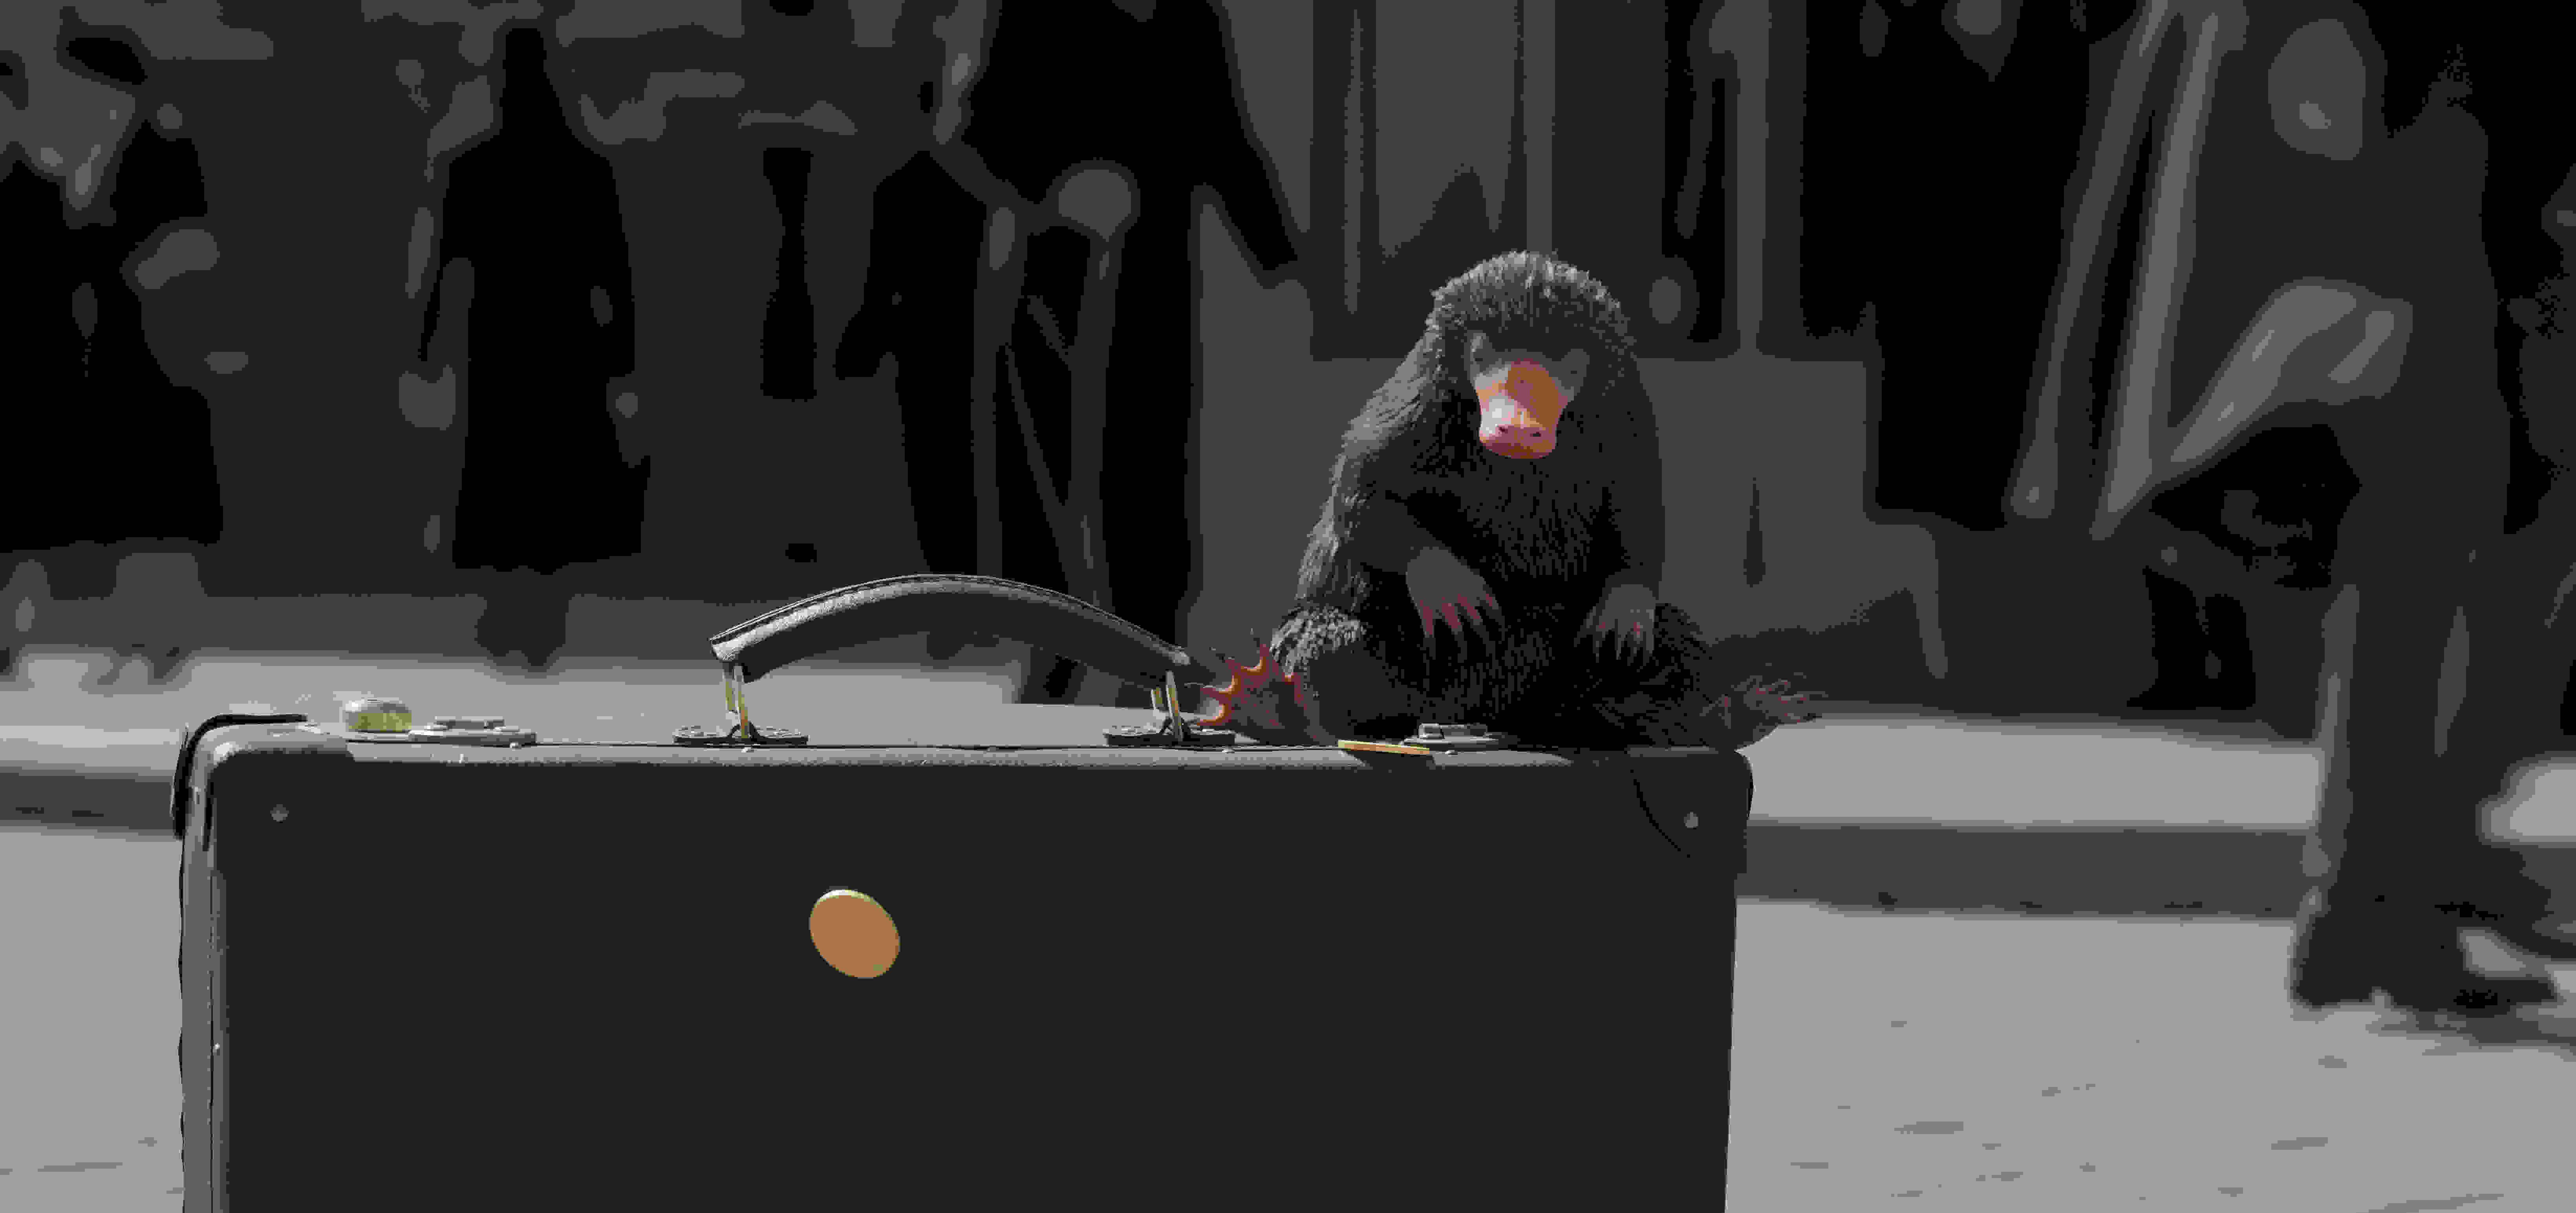 《神奇动物2》曝水下坐骑片段 纽特家酷到没朋友